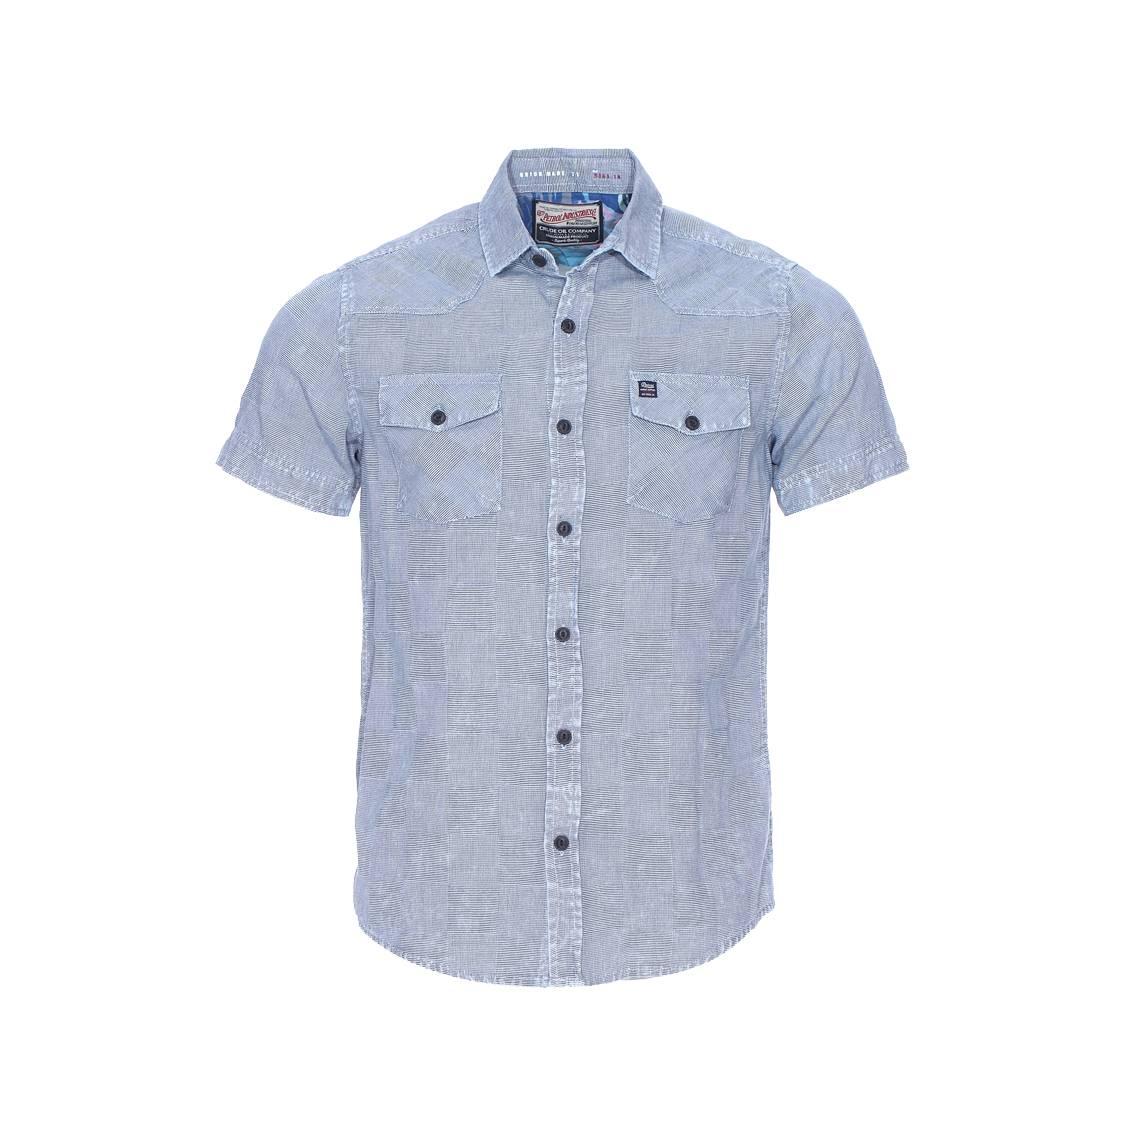 Chemise manches courtes  en coton bleu jean, tissage oxford